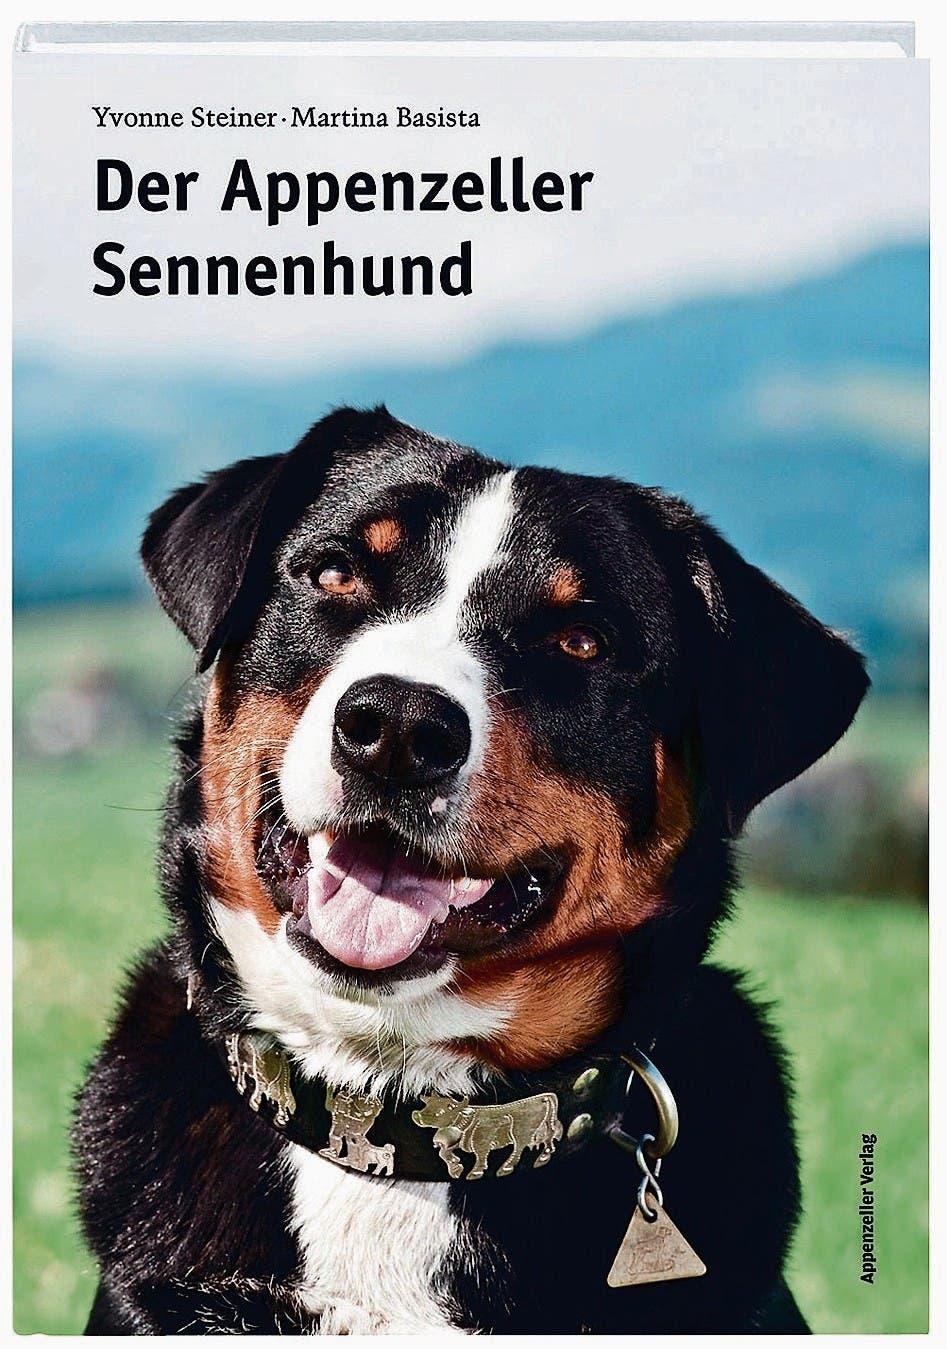 Der Appenzeller Sennenhund Ist Weder Wadenbeisser Noch Ein